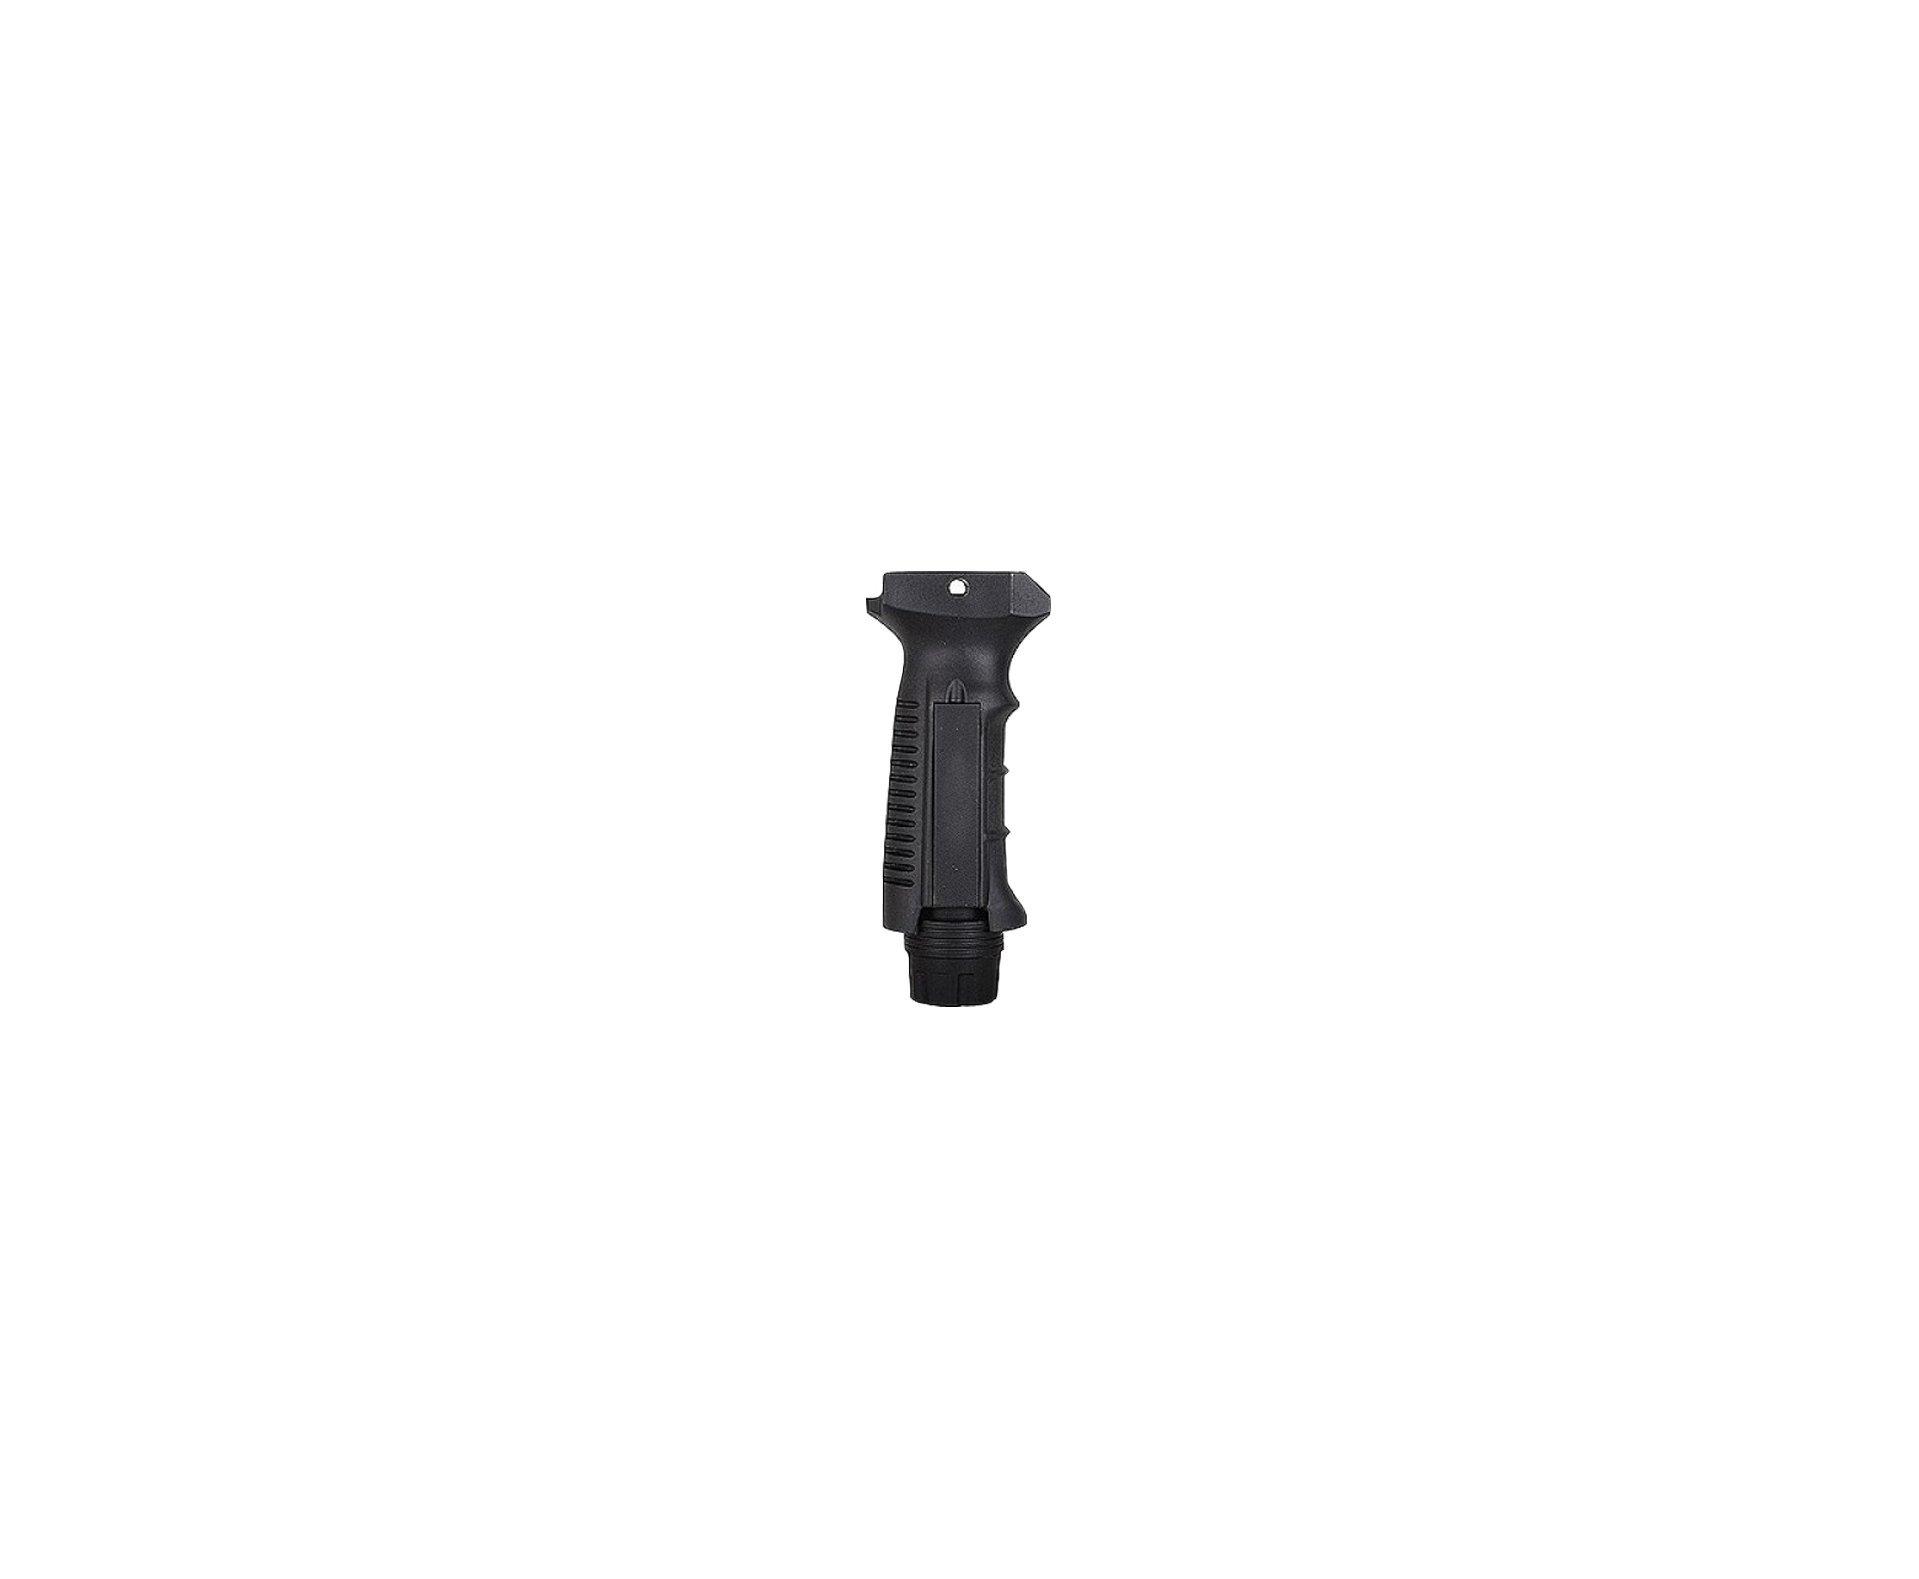 Grip Vertical Com Suporte De Bateria - Swiss+ Arms